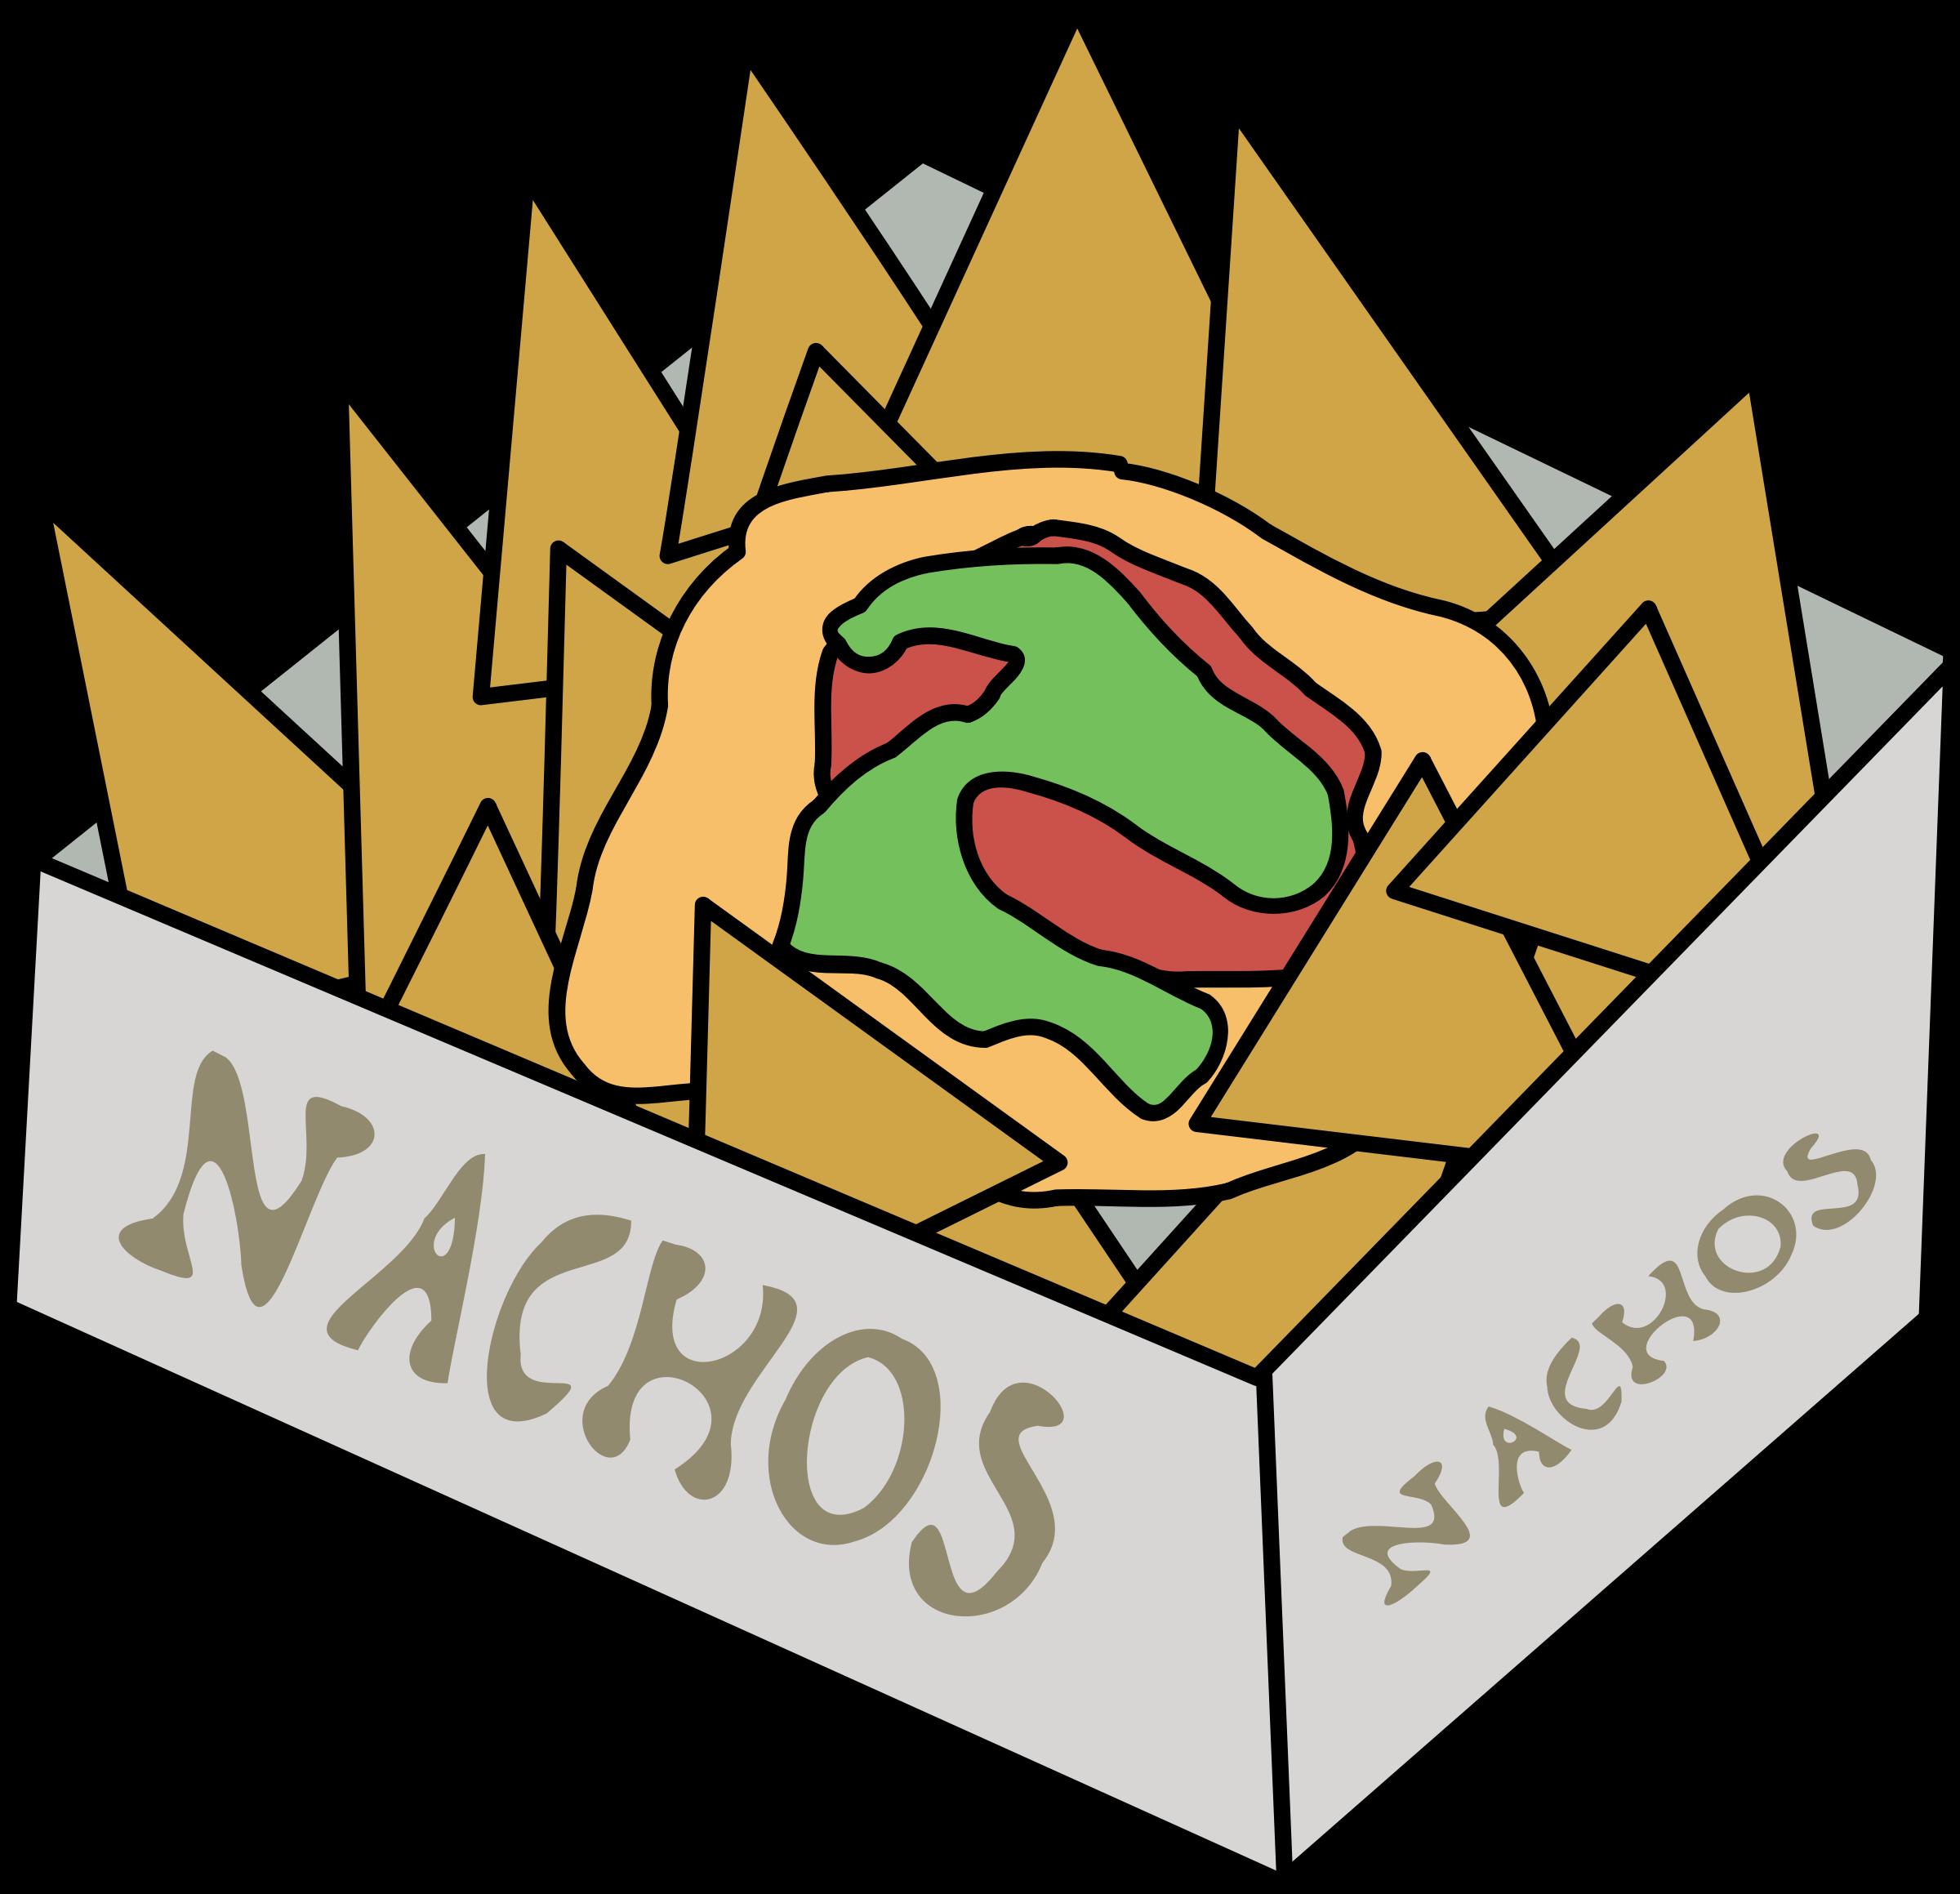 Nachos Vector